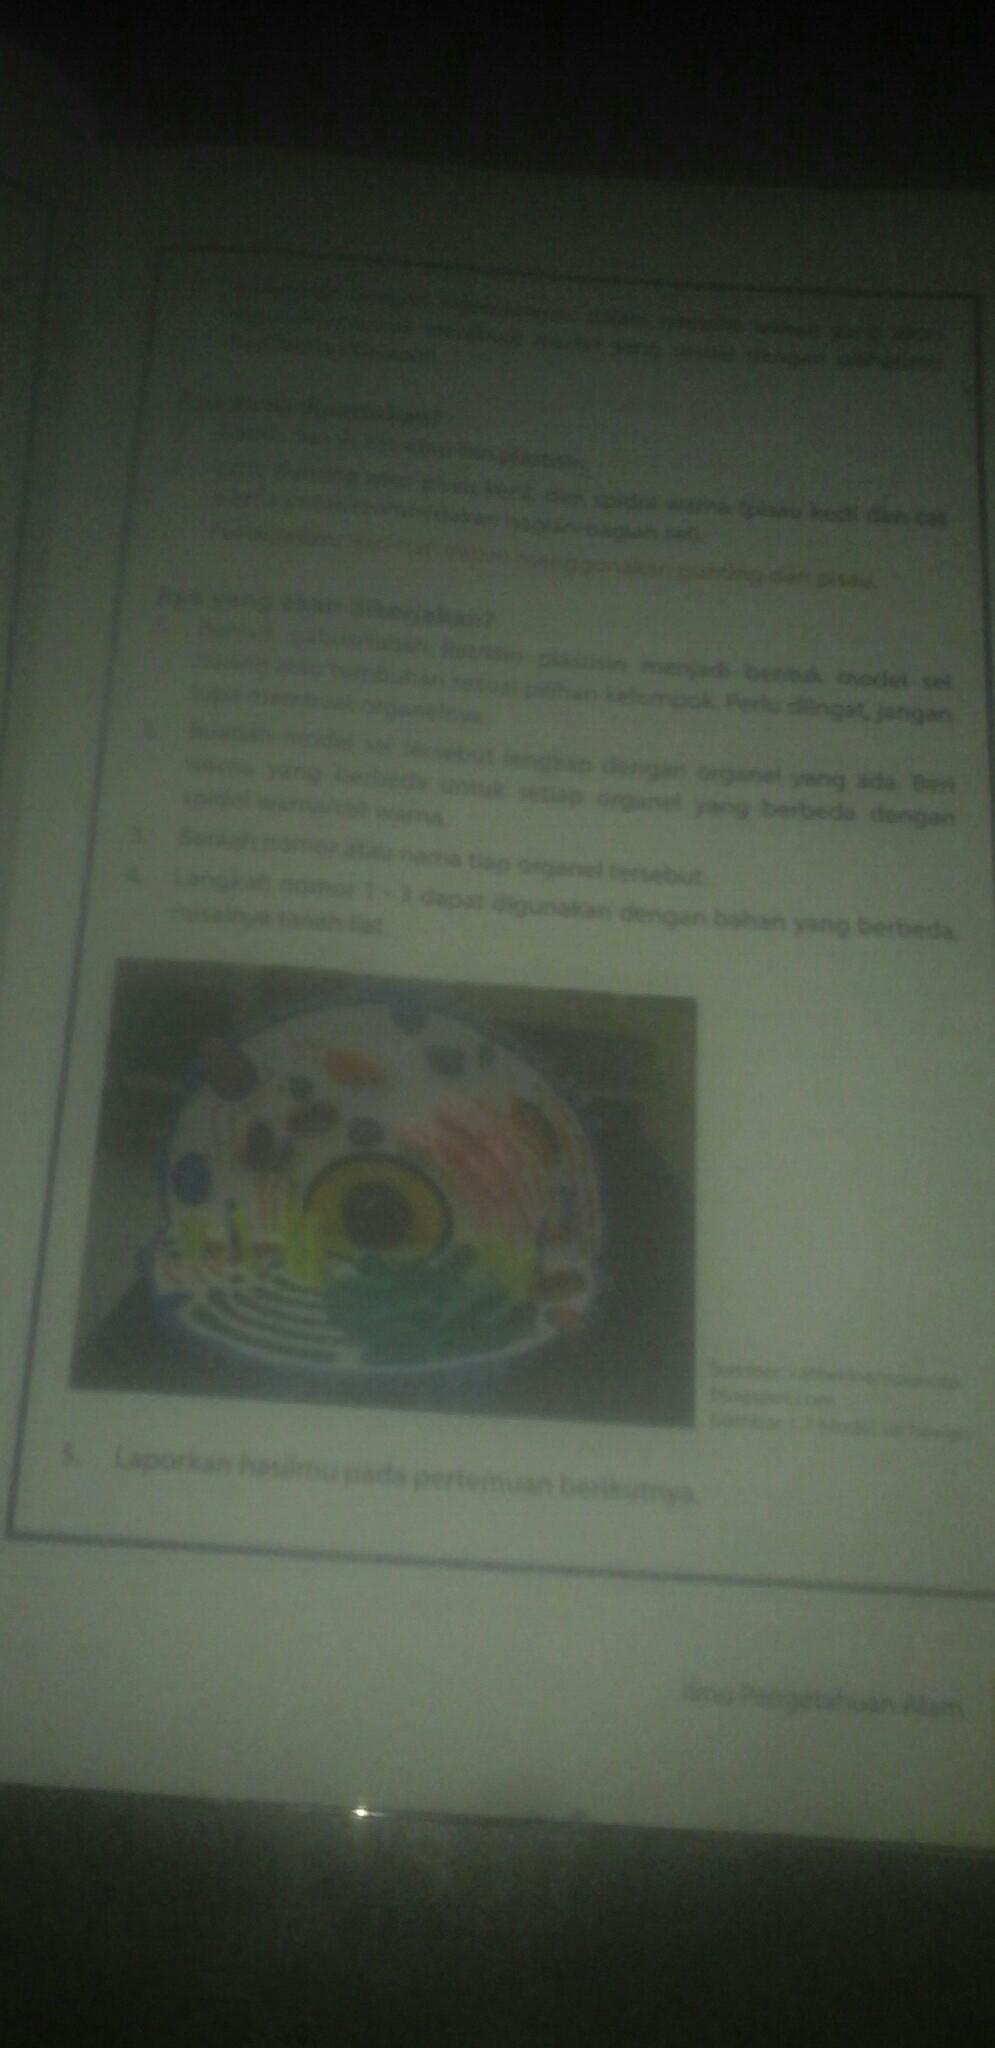 Fungsi Bagian Sel Hewan : fungsi, bagian, hewan, Tuliskan, Bagian, Hewan, Beserta, Fungsi, Brainly.co.id